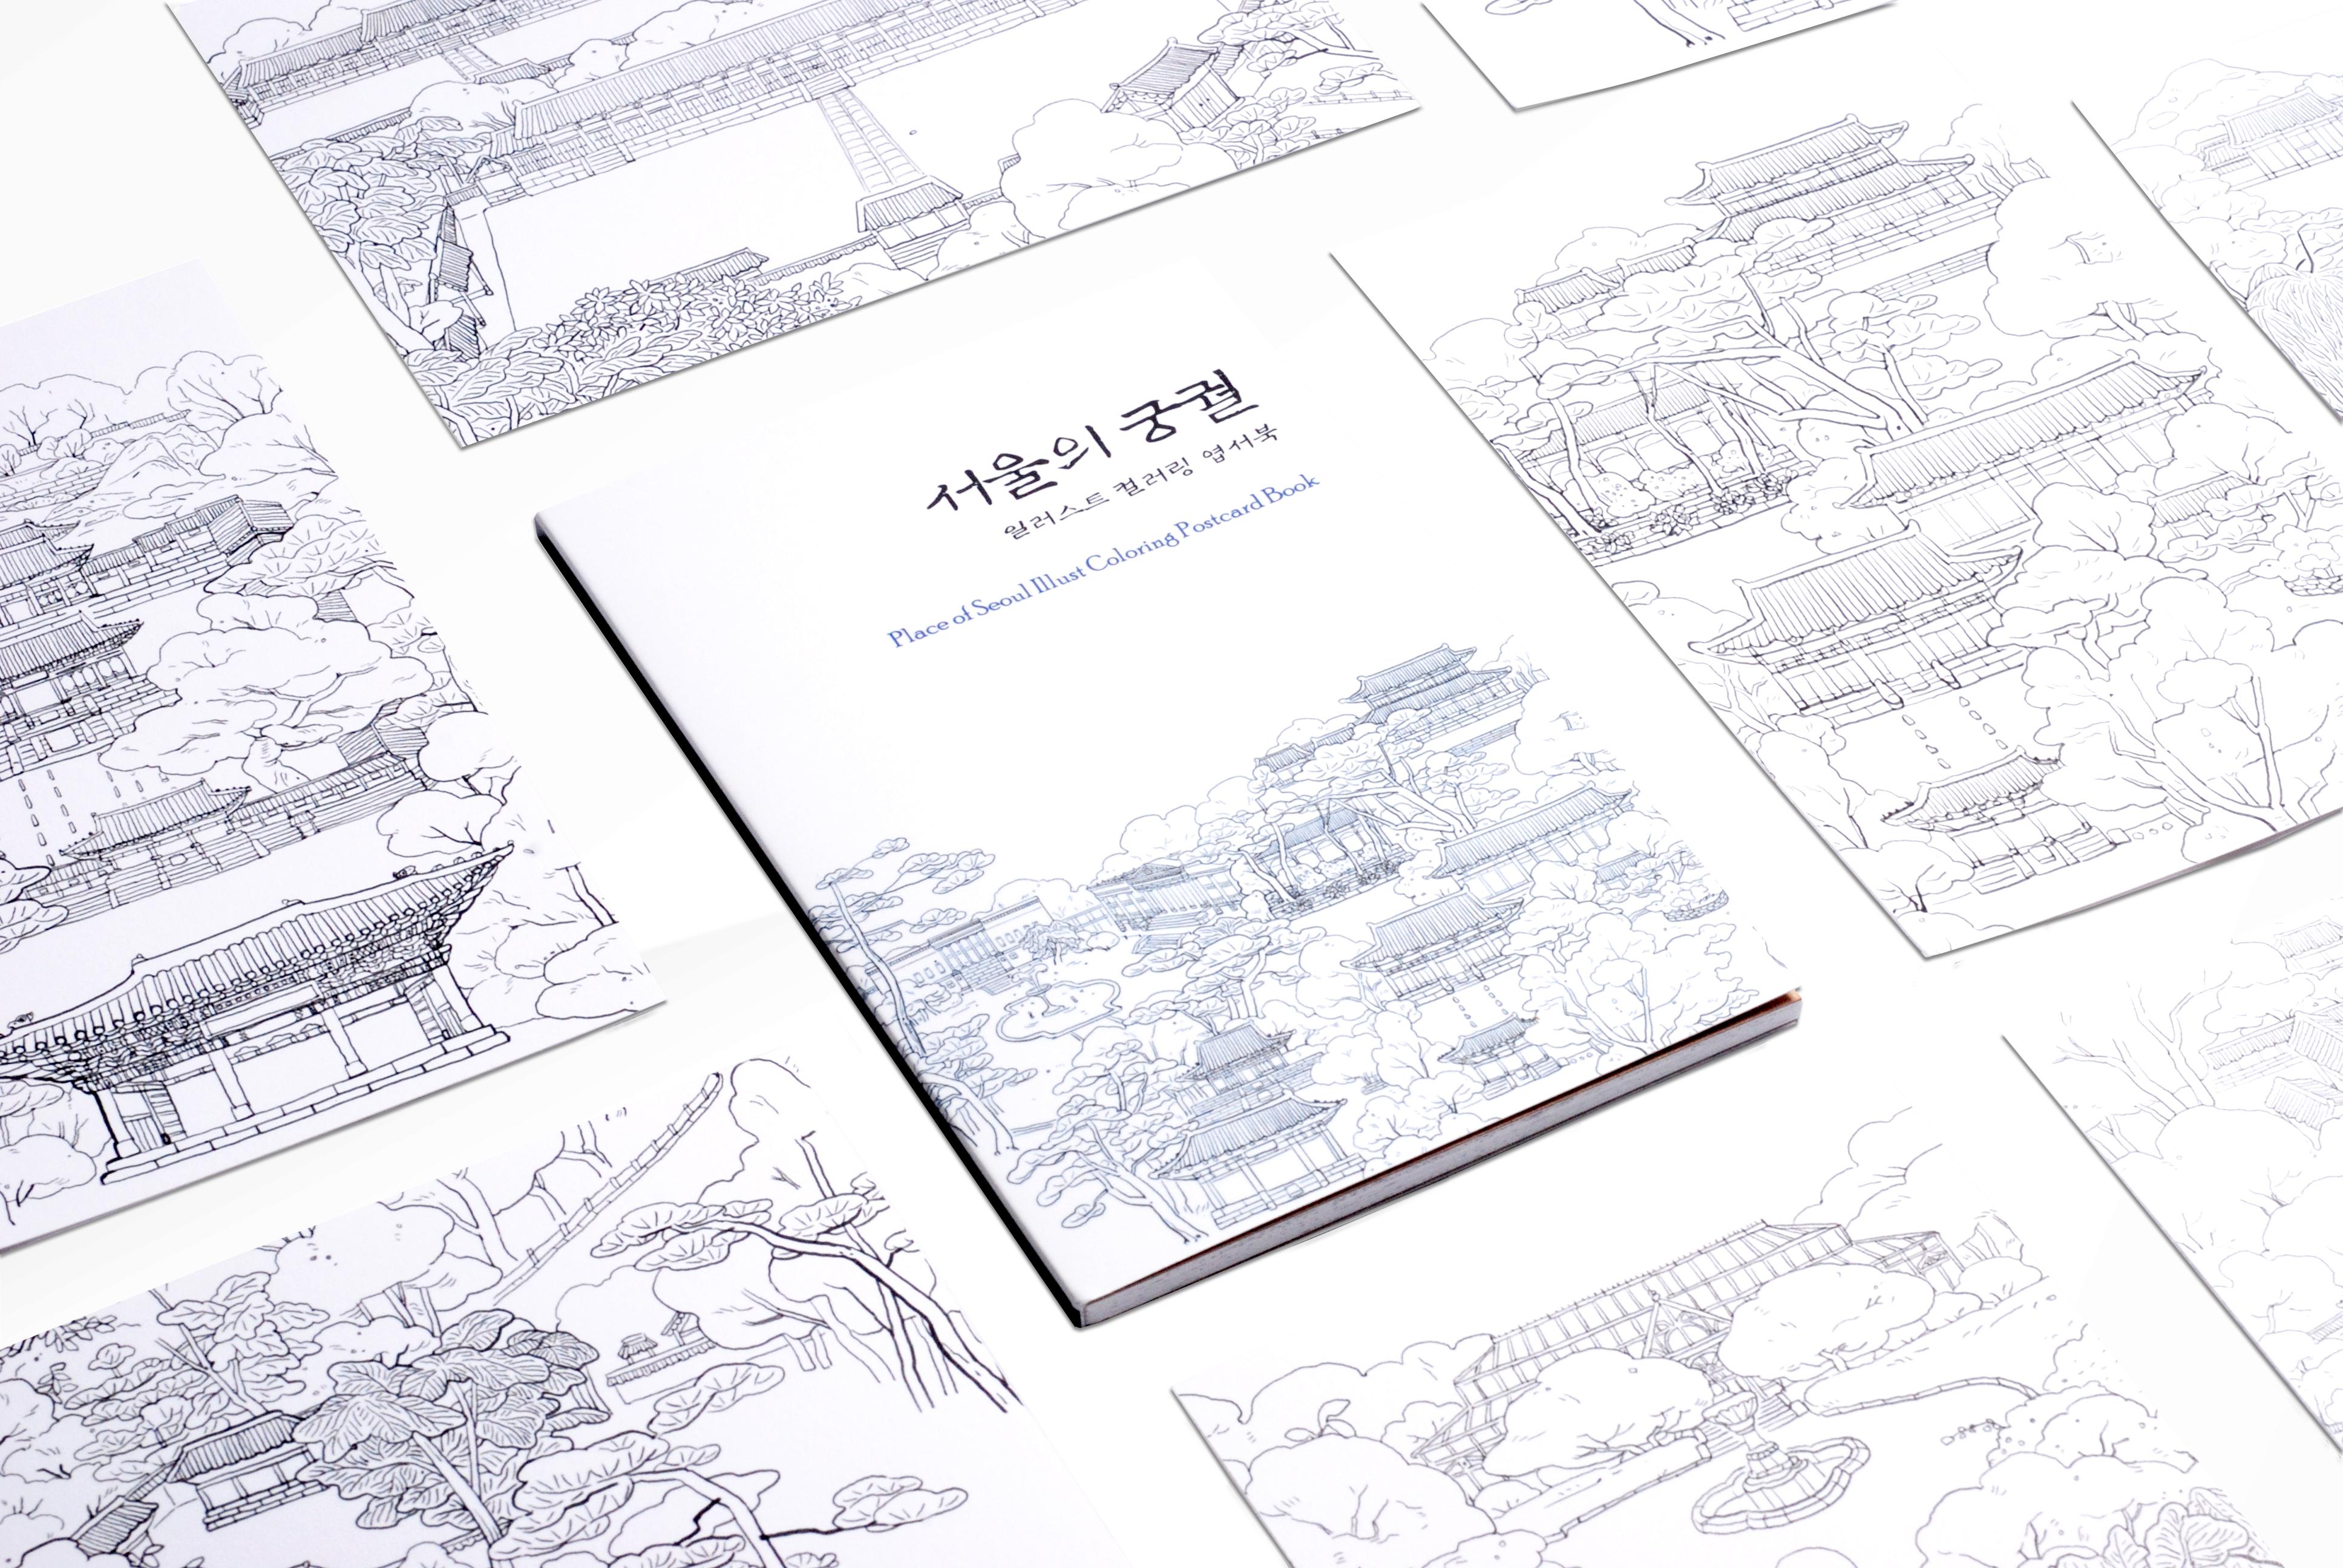 컬러링 일러스트 엽서북과 마스킹테이프 <서울의 궁궐>